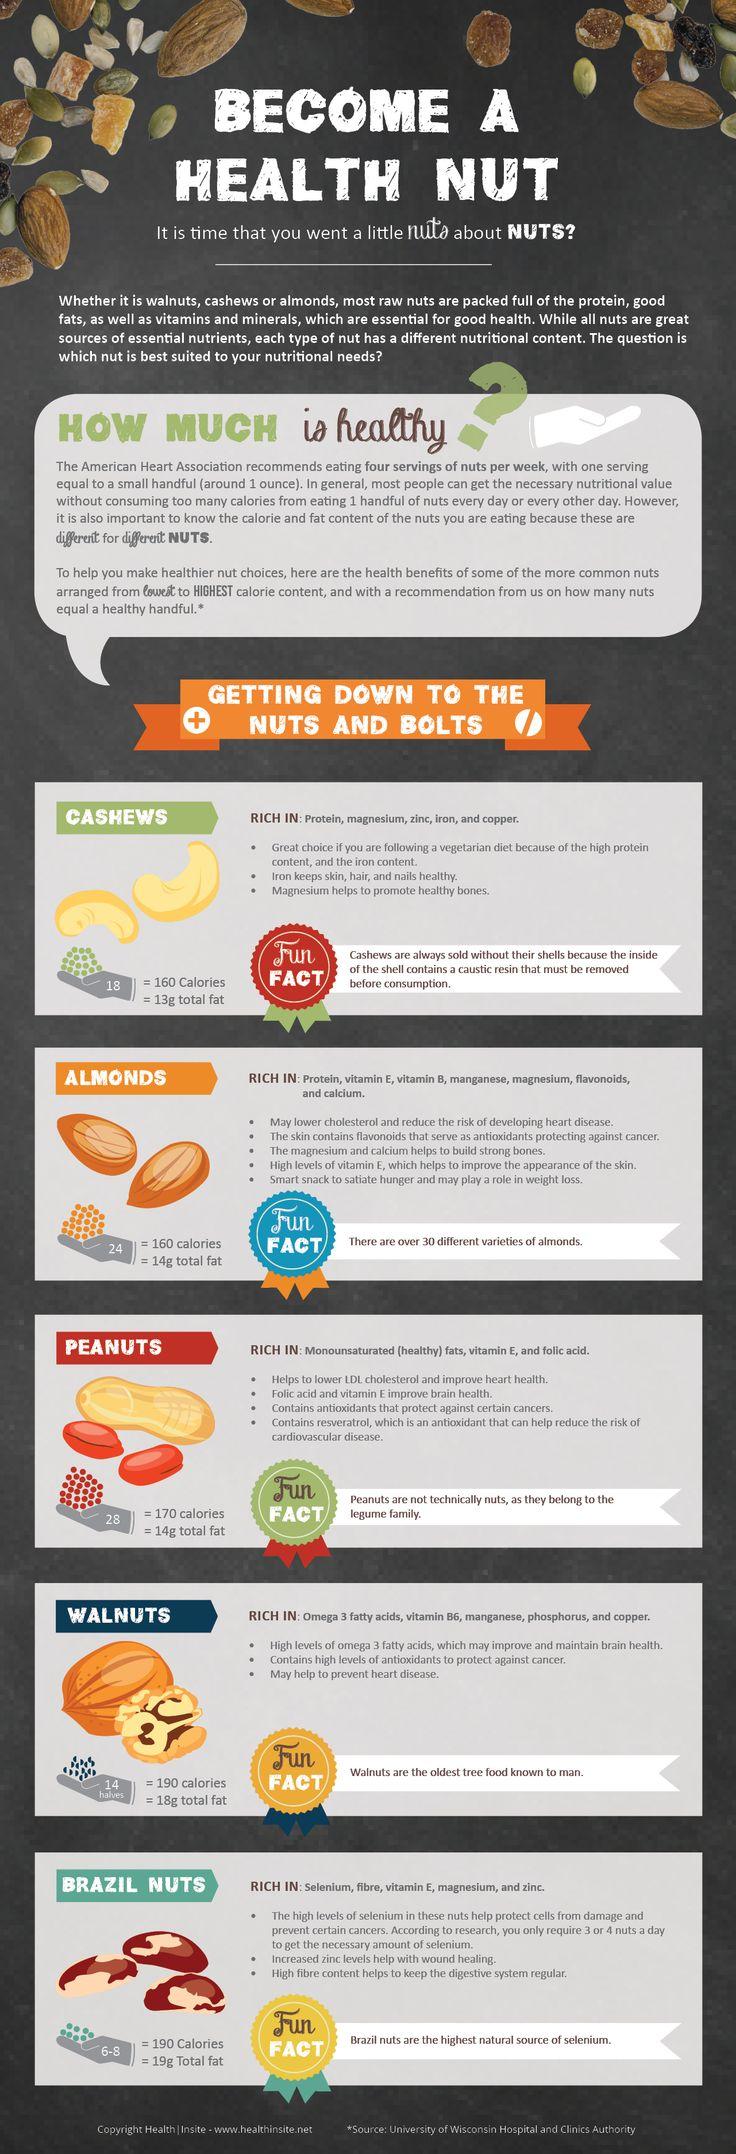 Become a health nut!